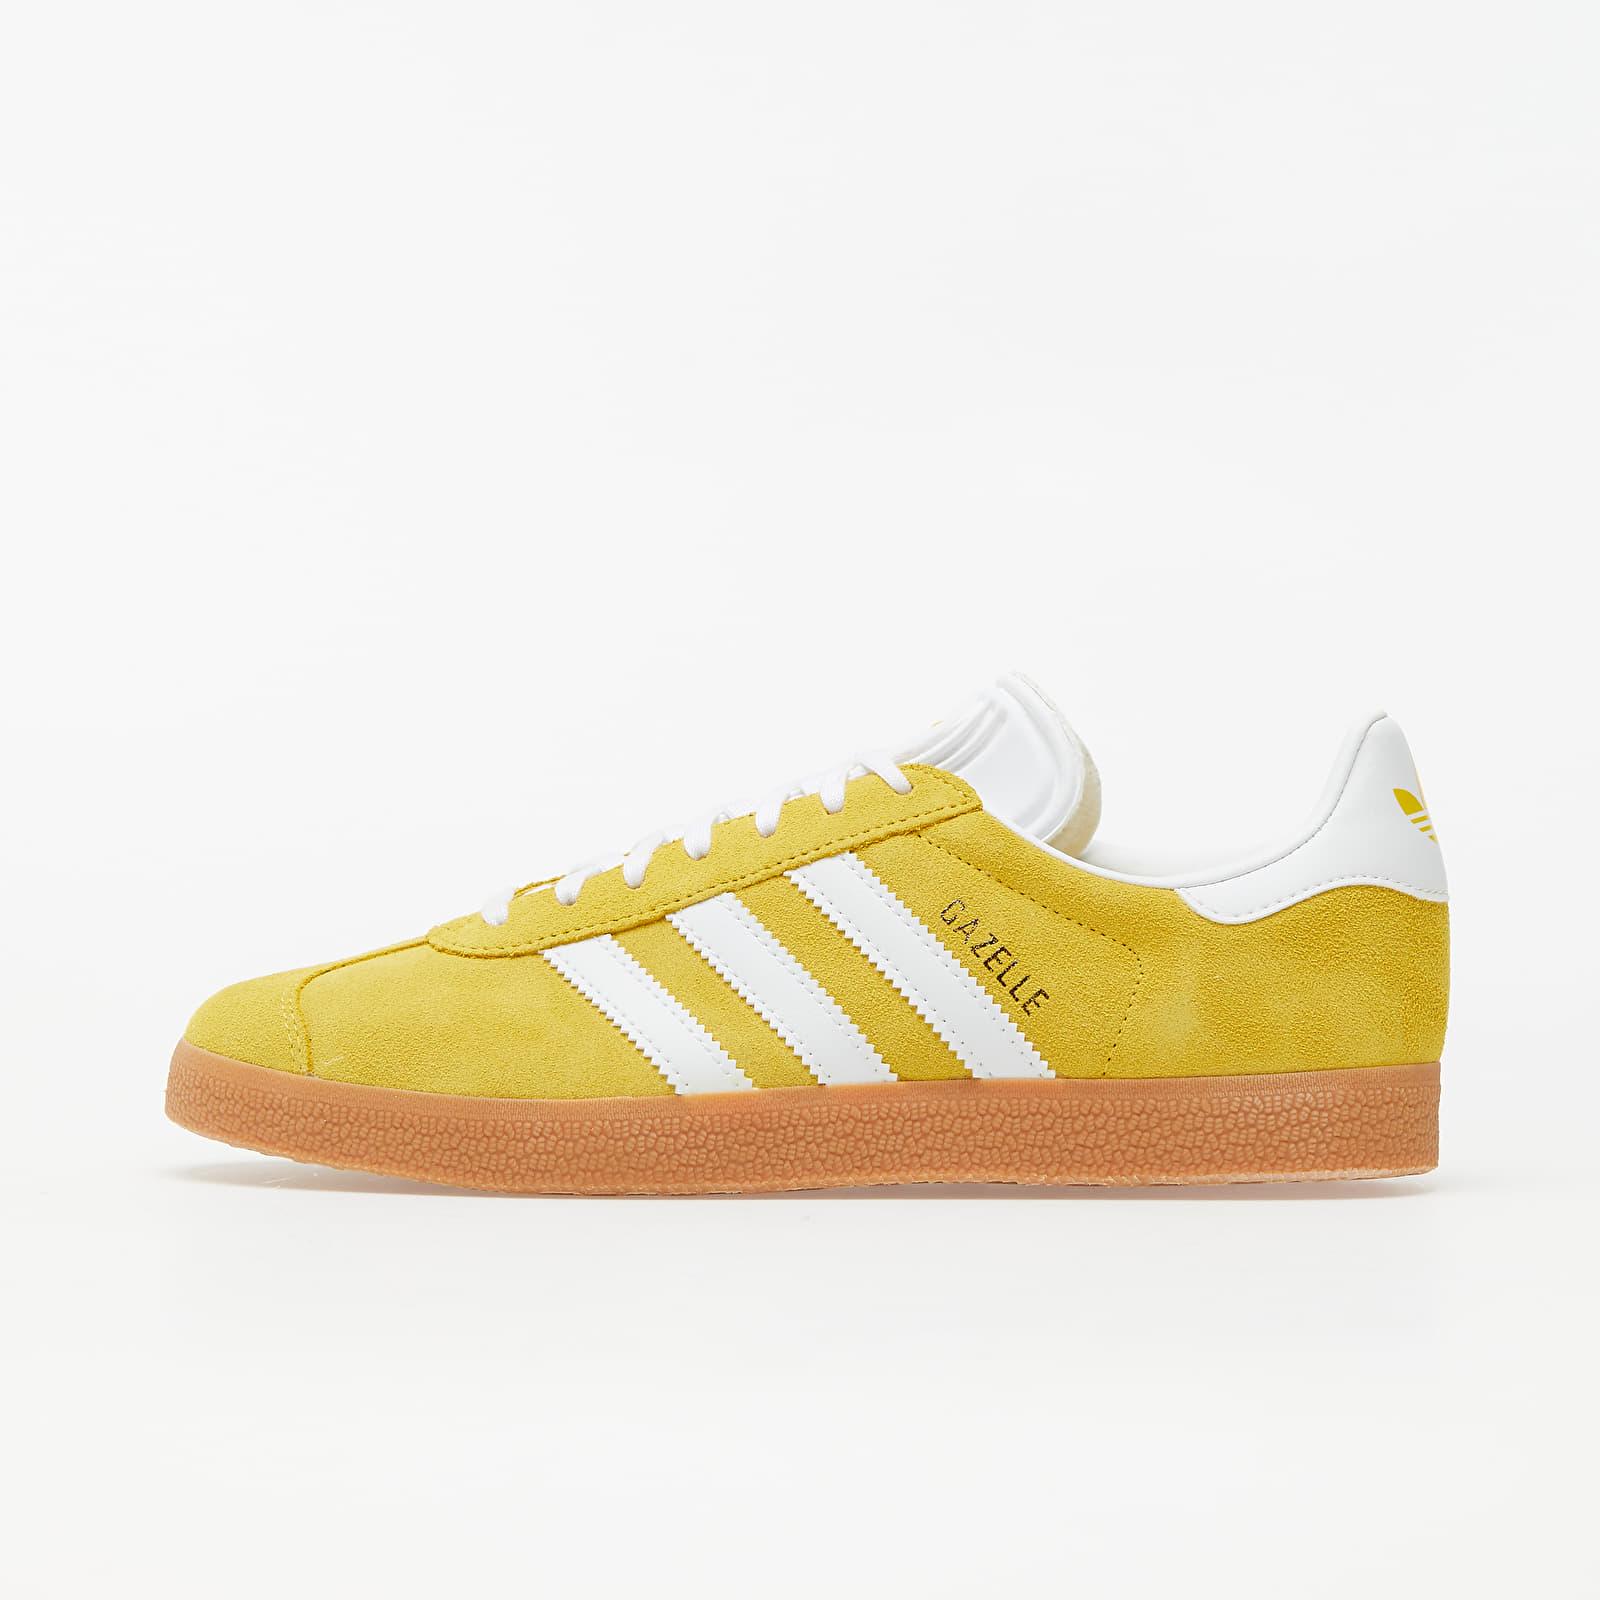 adidas Gazelle W Wonder Glow/ Ftw White/ Gum 2   Footshop